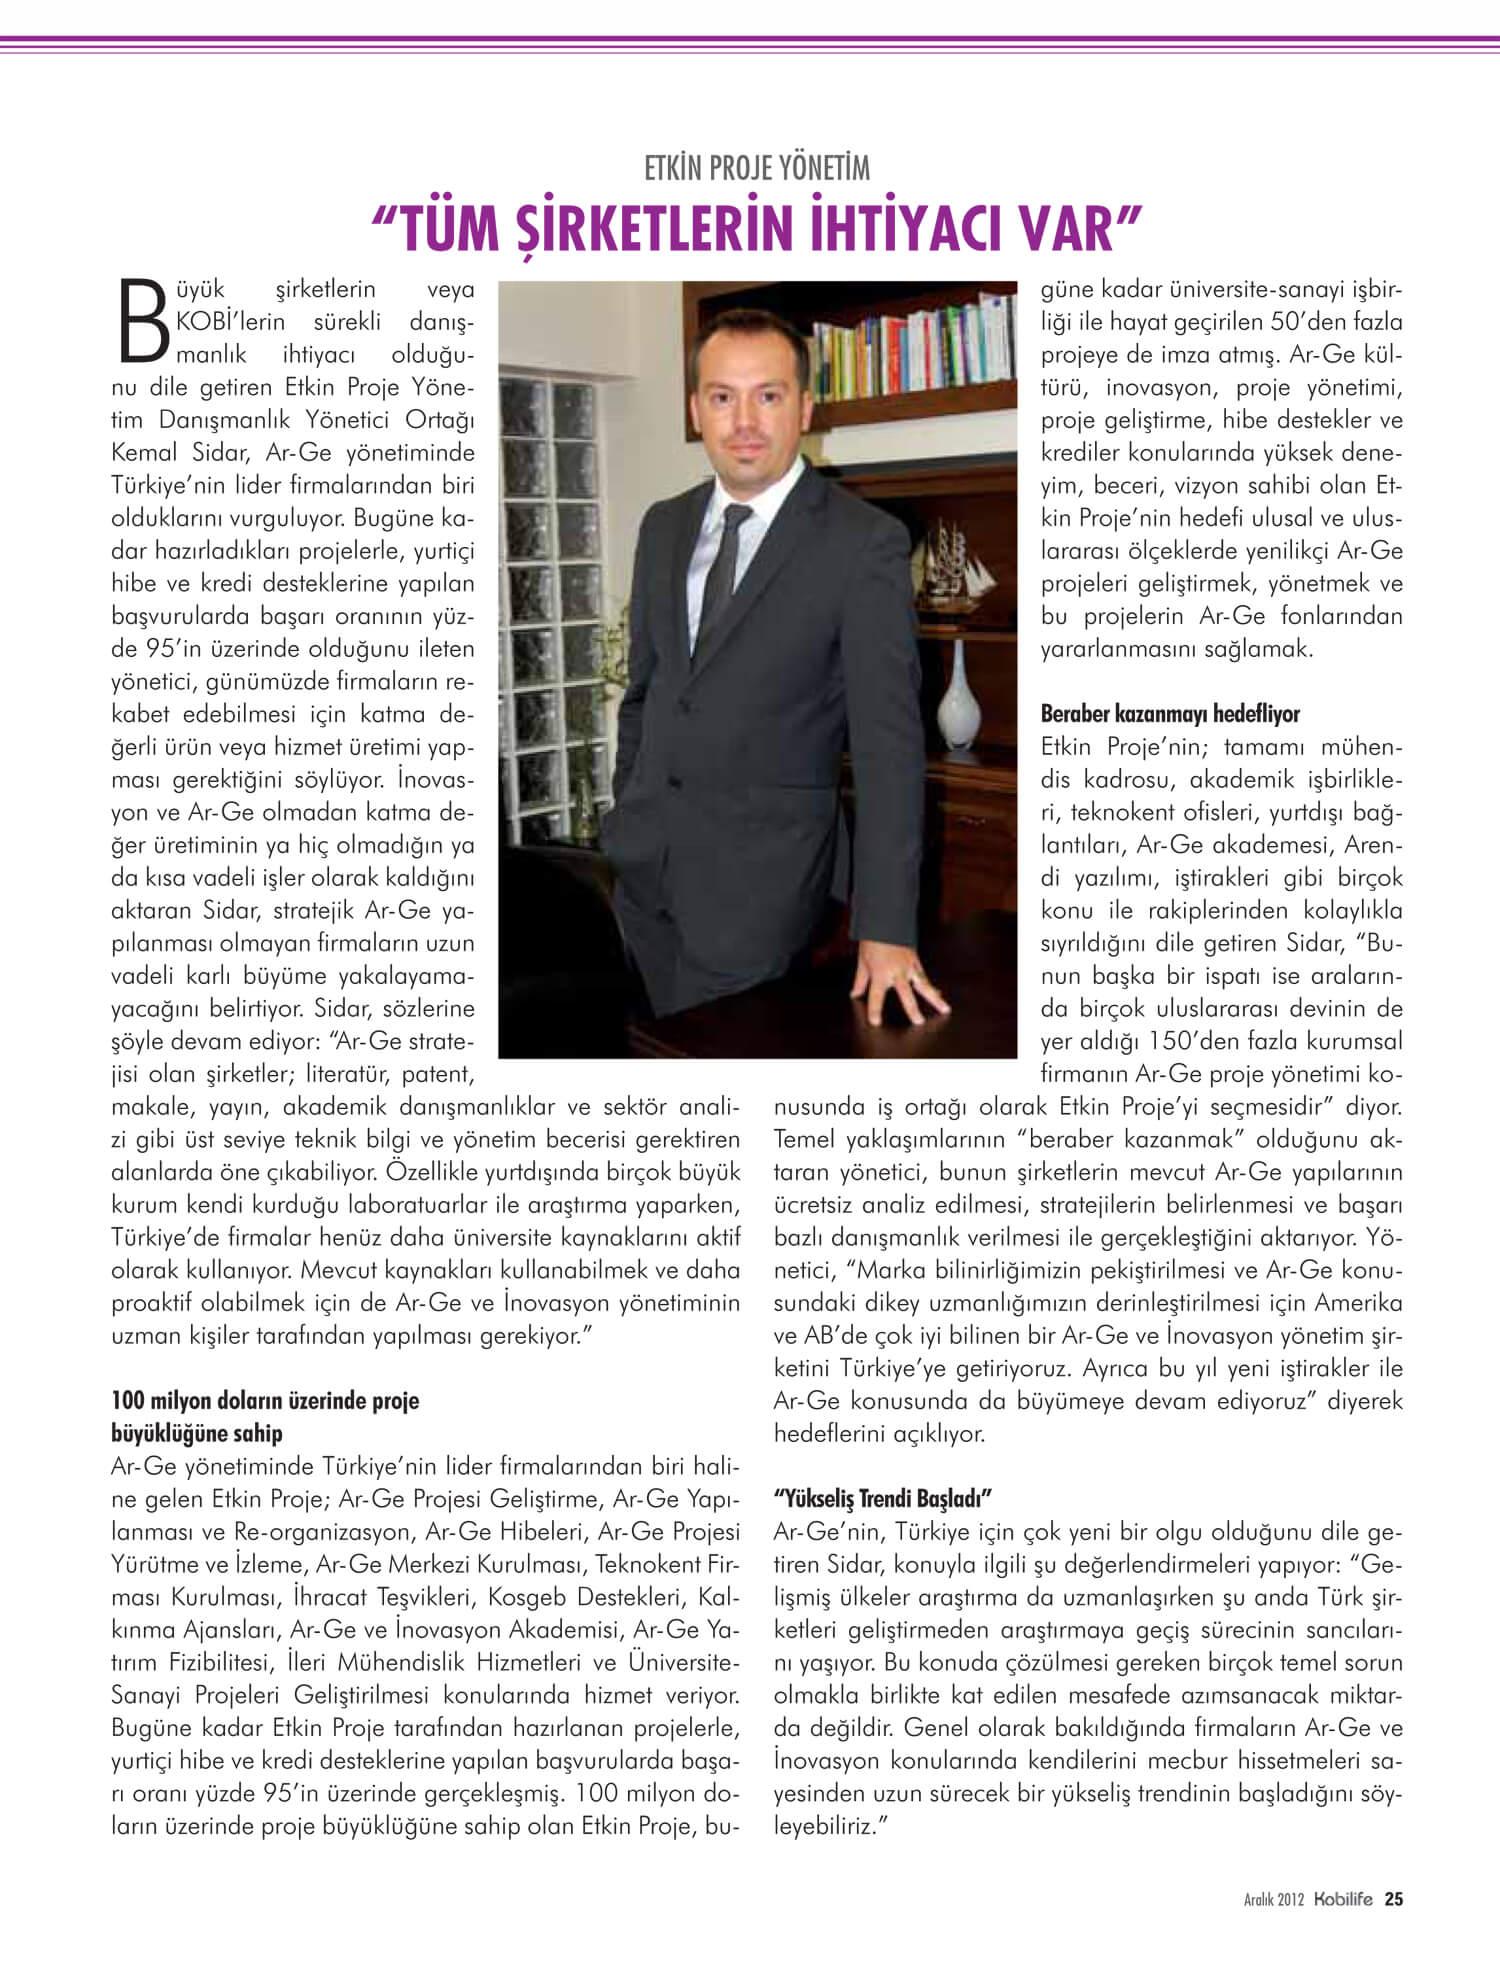 kobilife - Etkin Proje Kobilife Dergisi Aralık 2012 Sayısında